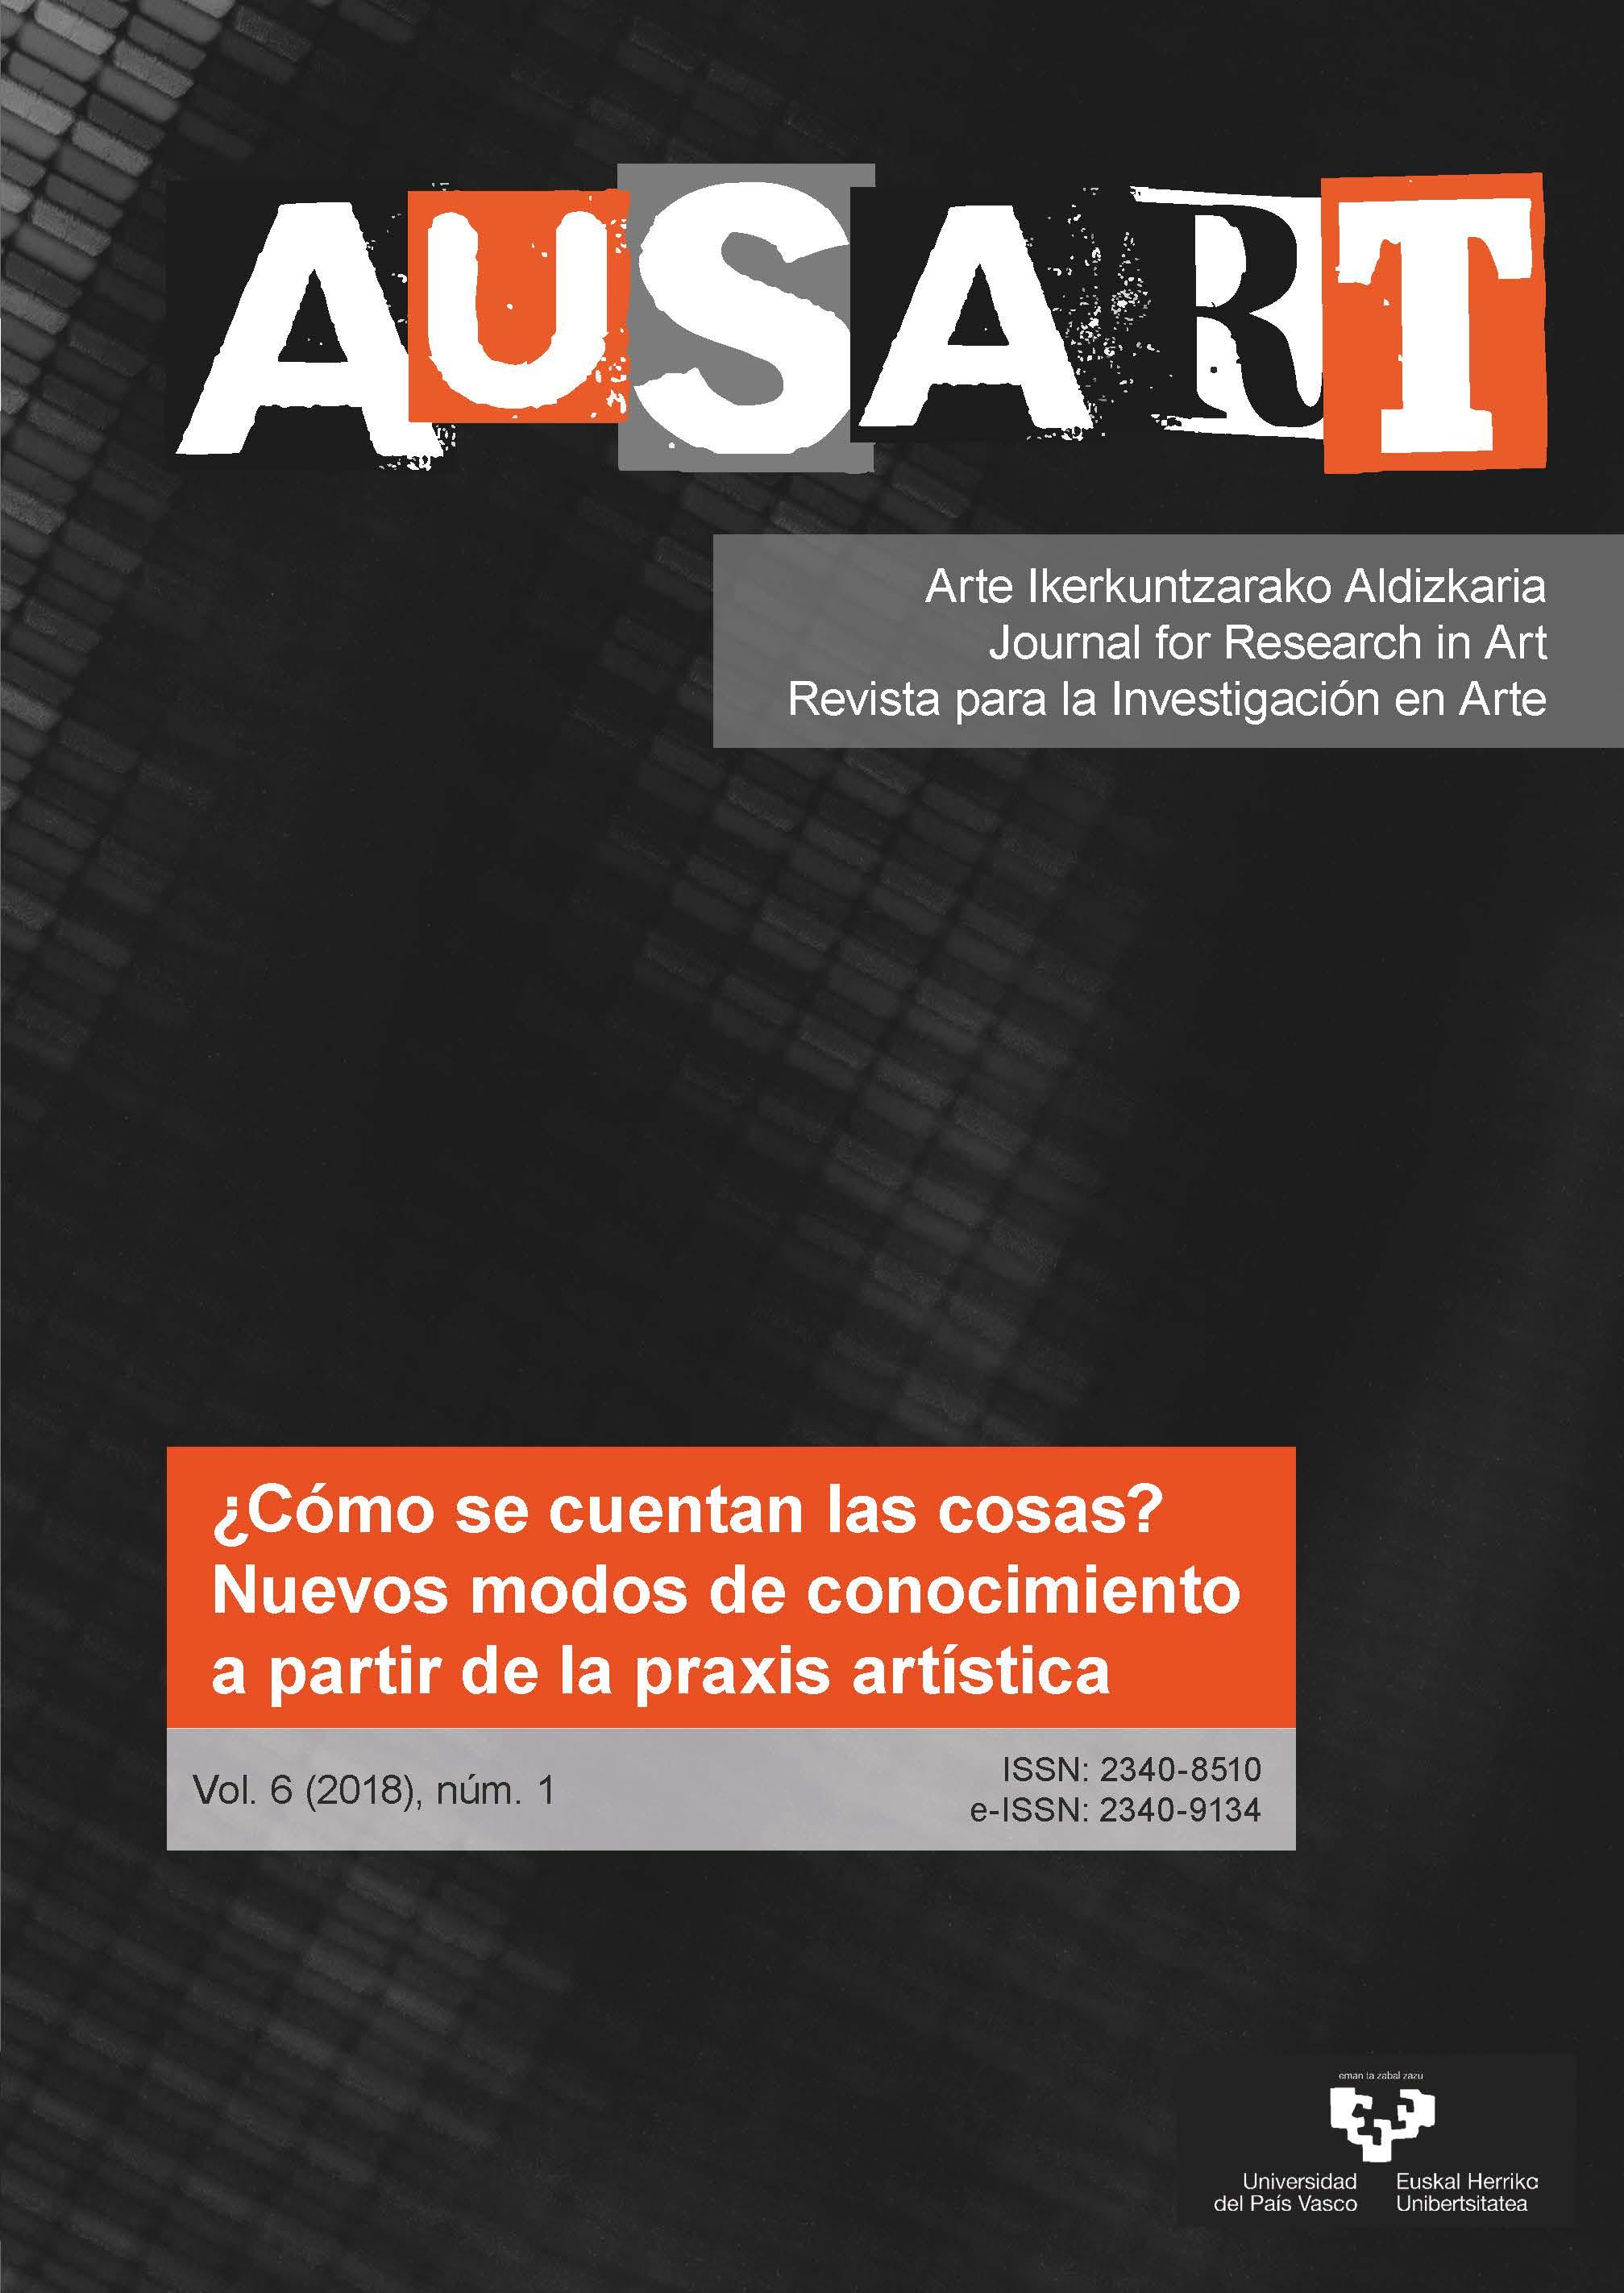 Portada AusArt vol. 6, número 1 (2018)